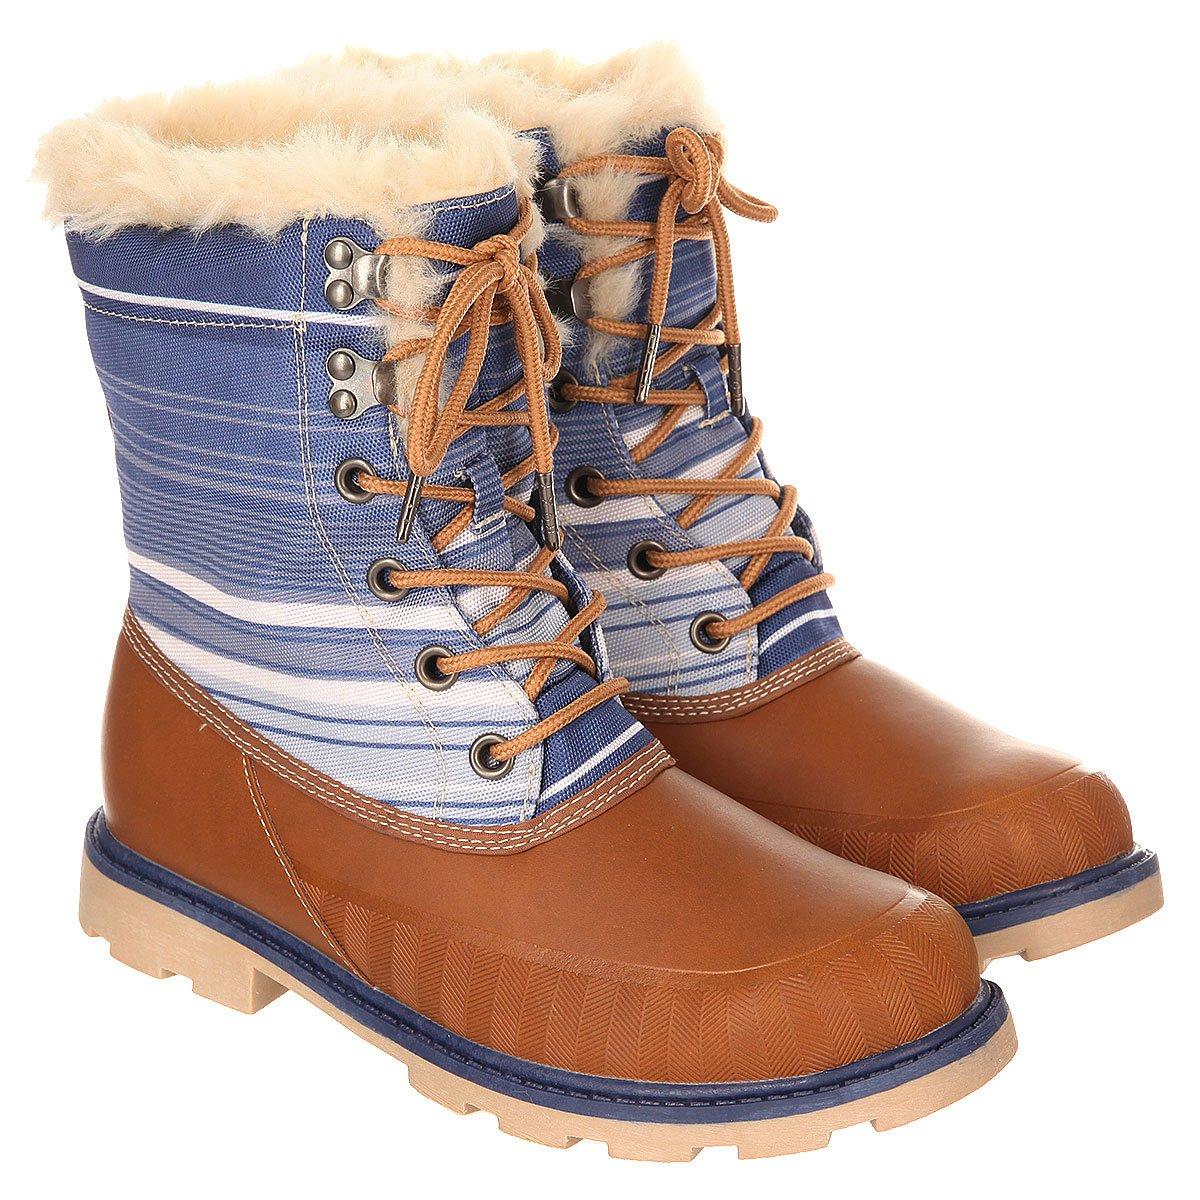 Товар соответствует описанию, правда ботинки не такие яркие как на фото.  Доставили быстро. Ботинки теплые, правда в сильные морозы не представилось  в них ... f249dc7d19d